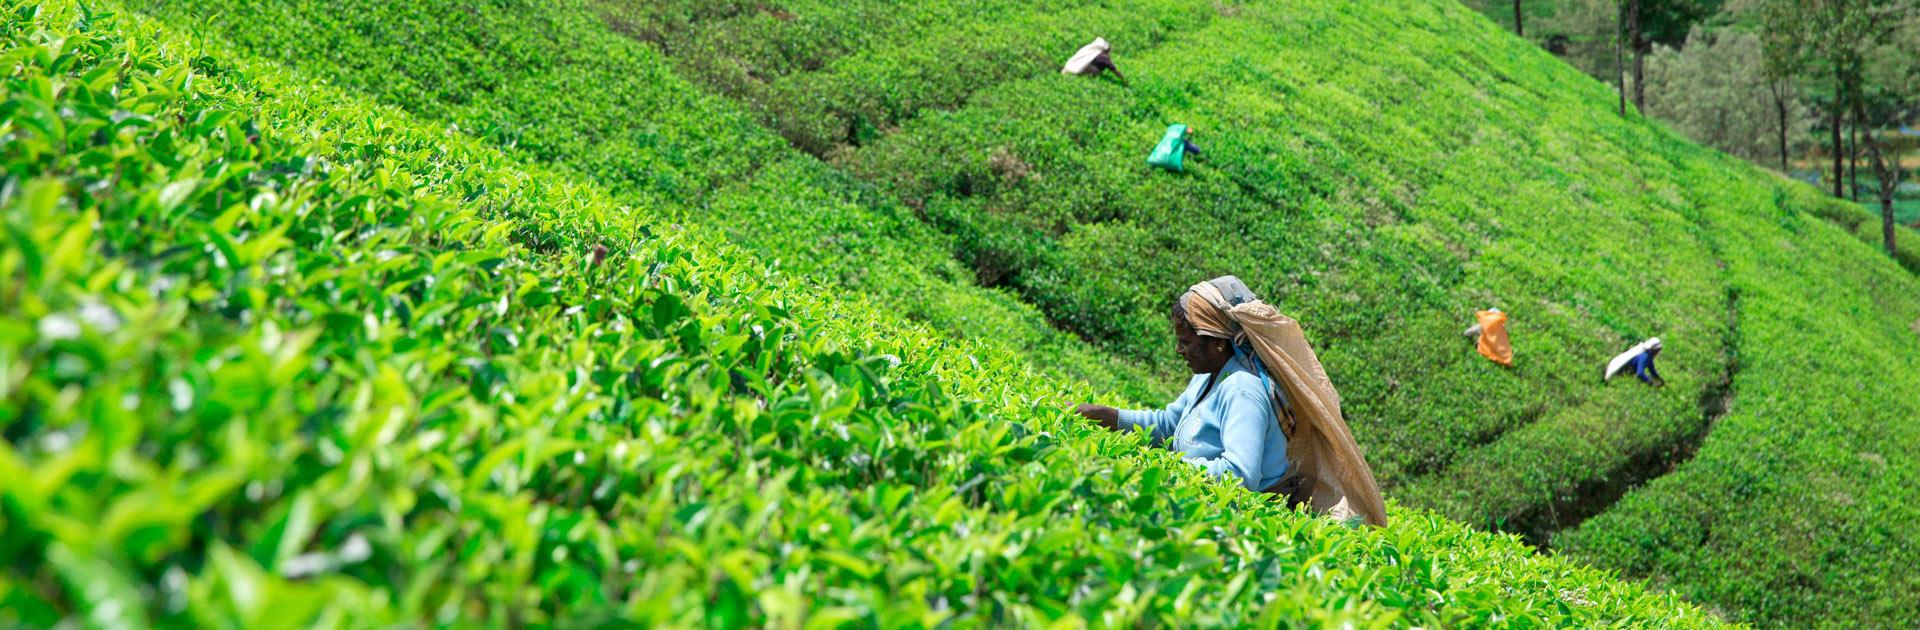 LK Explore Sri Lanka con playas Nordeste 12 días 2